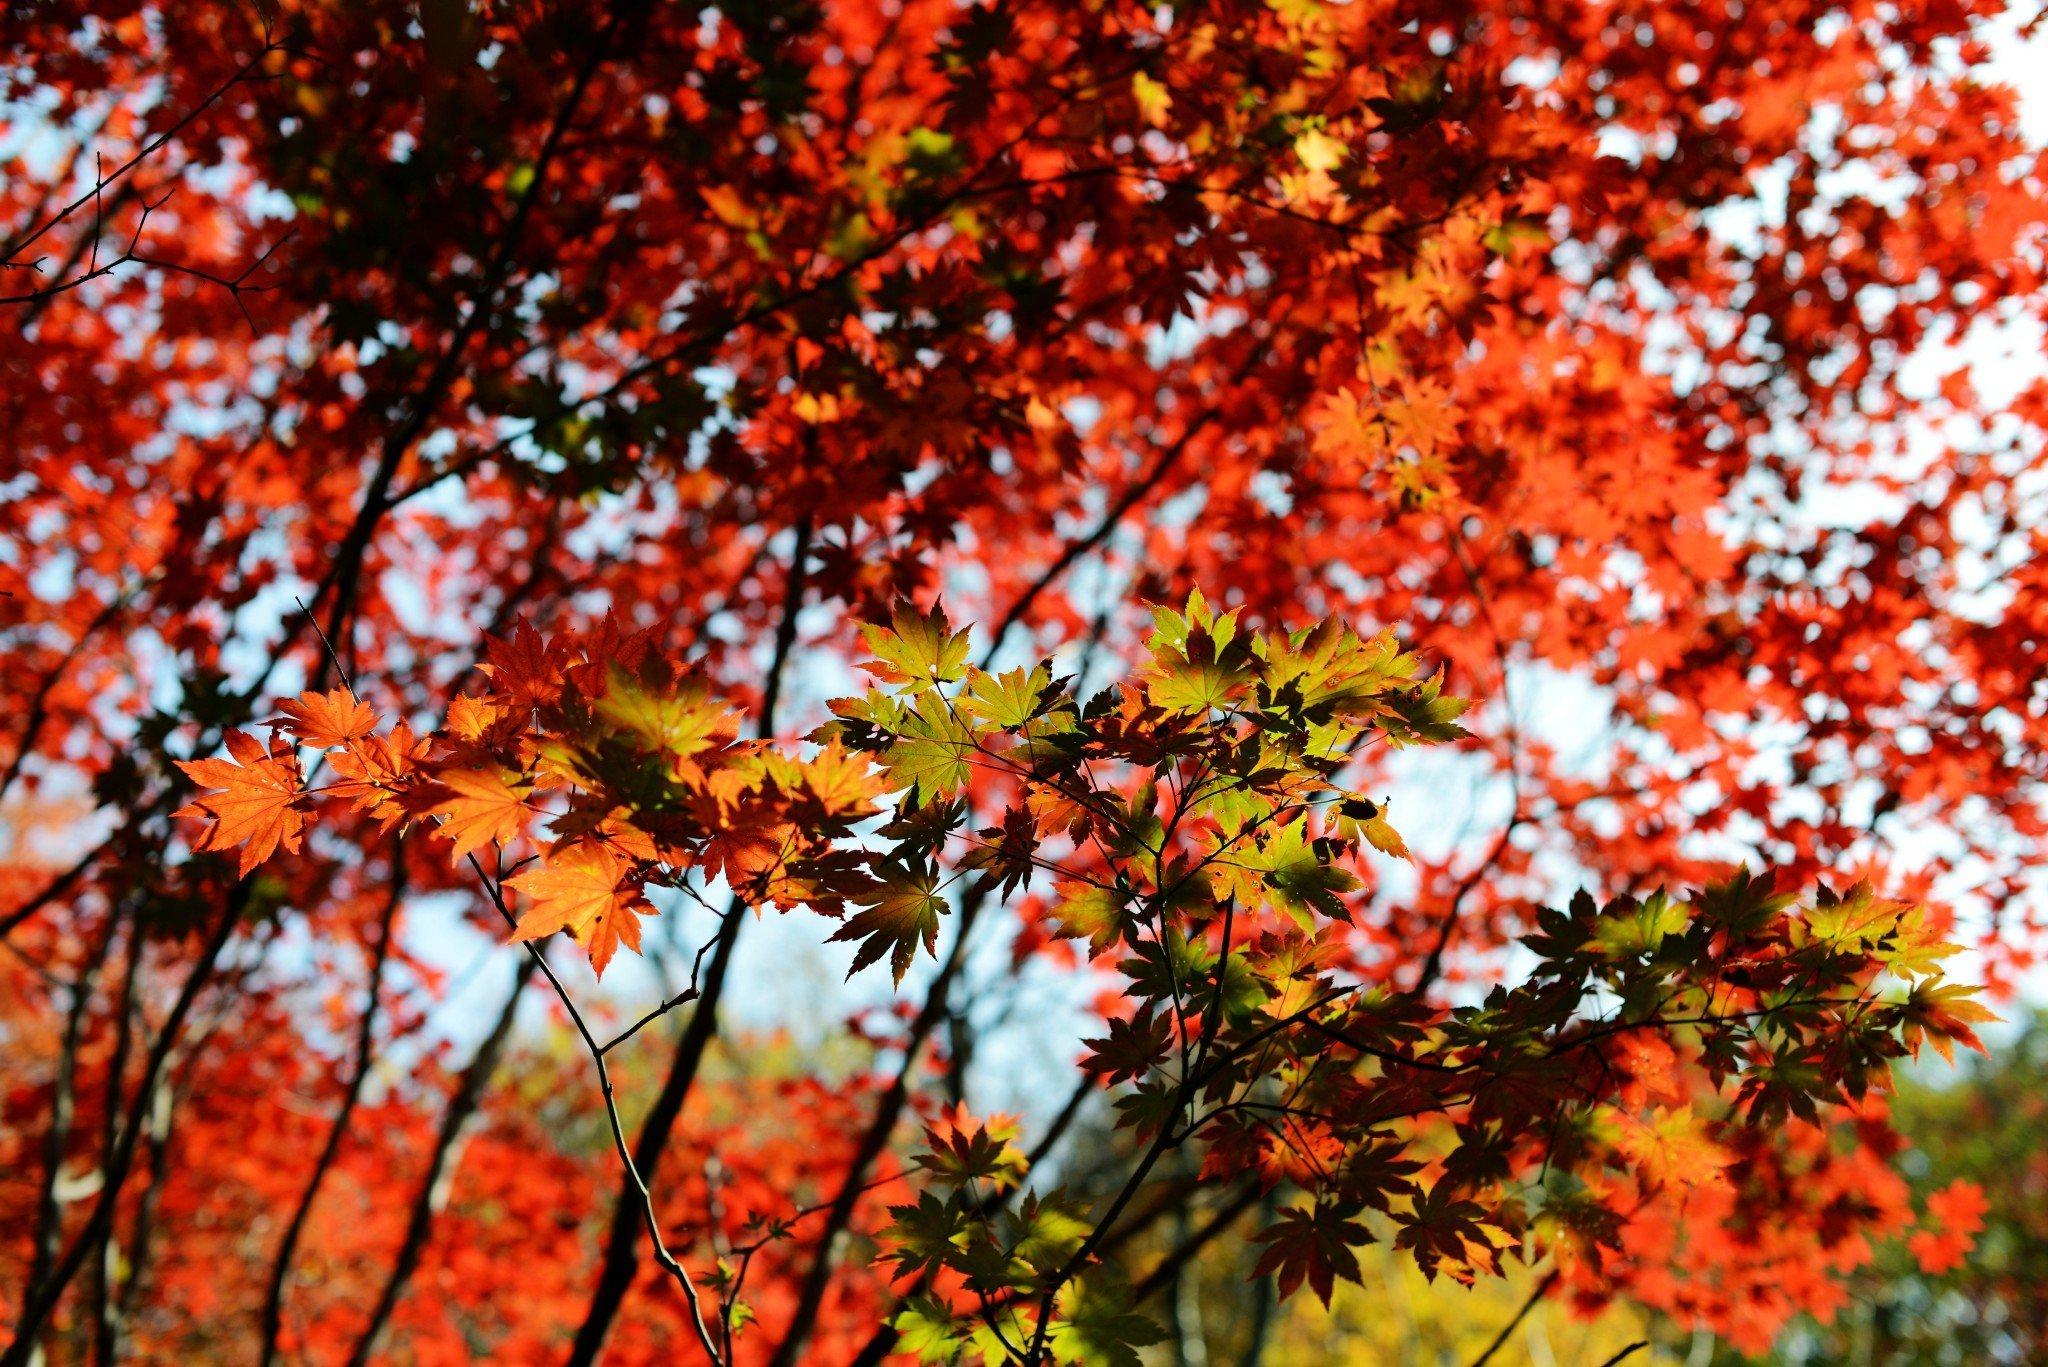 去本溪,寻觅那迷人的秋色